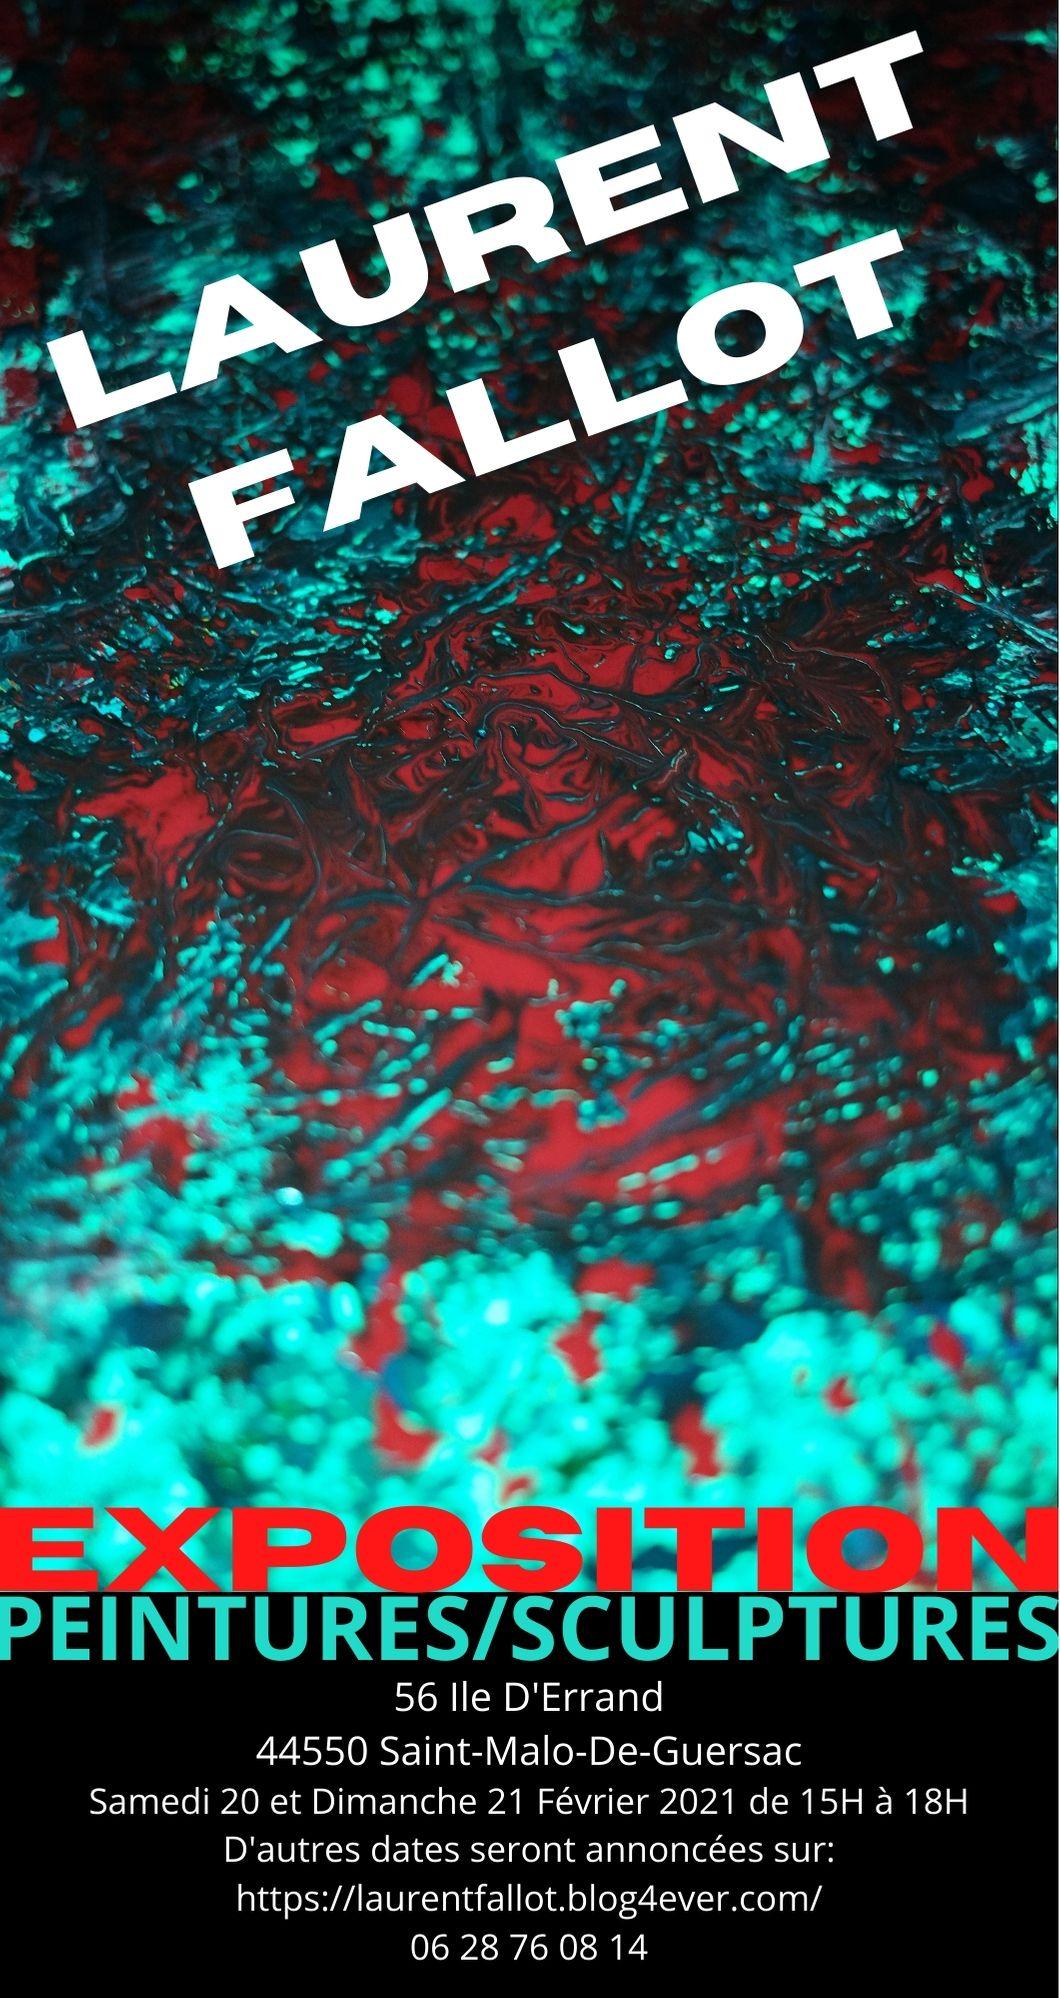 LAURENT FALLOT 3.jpg